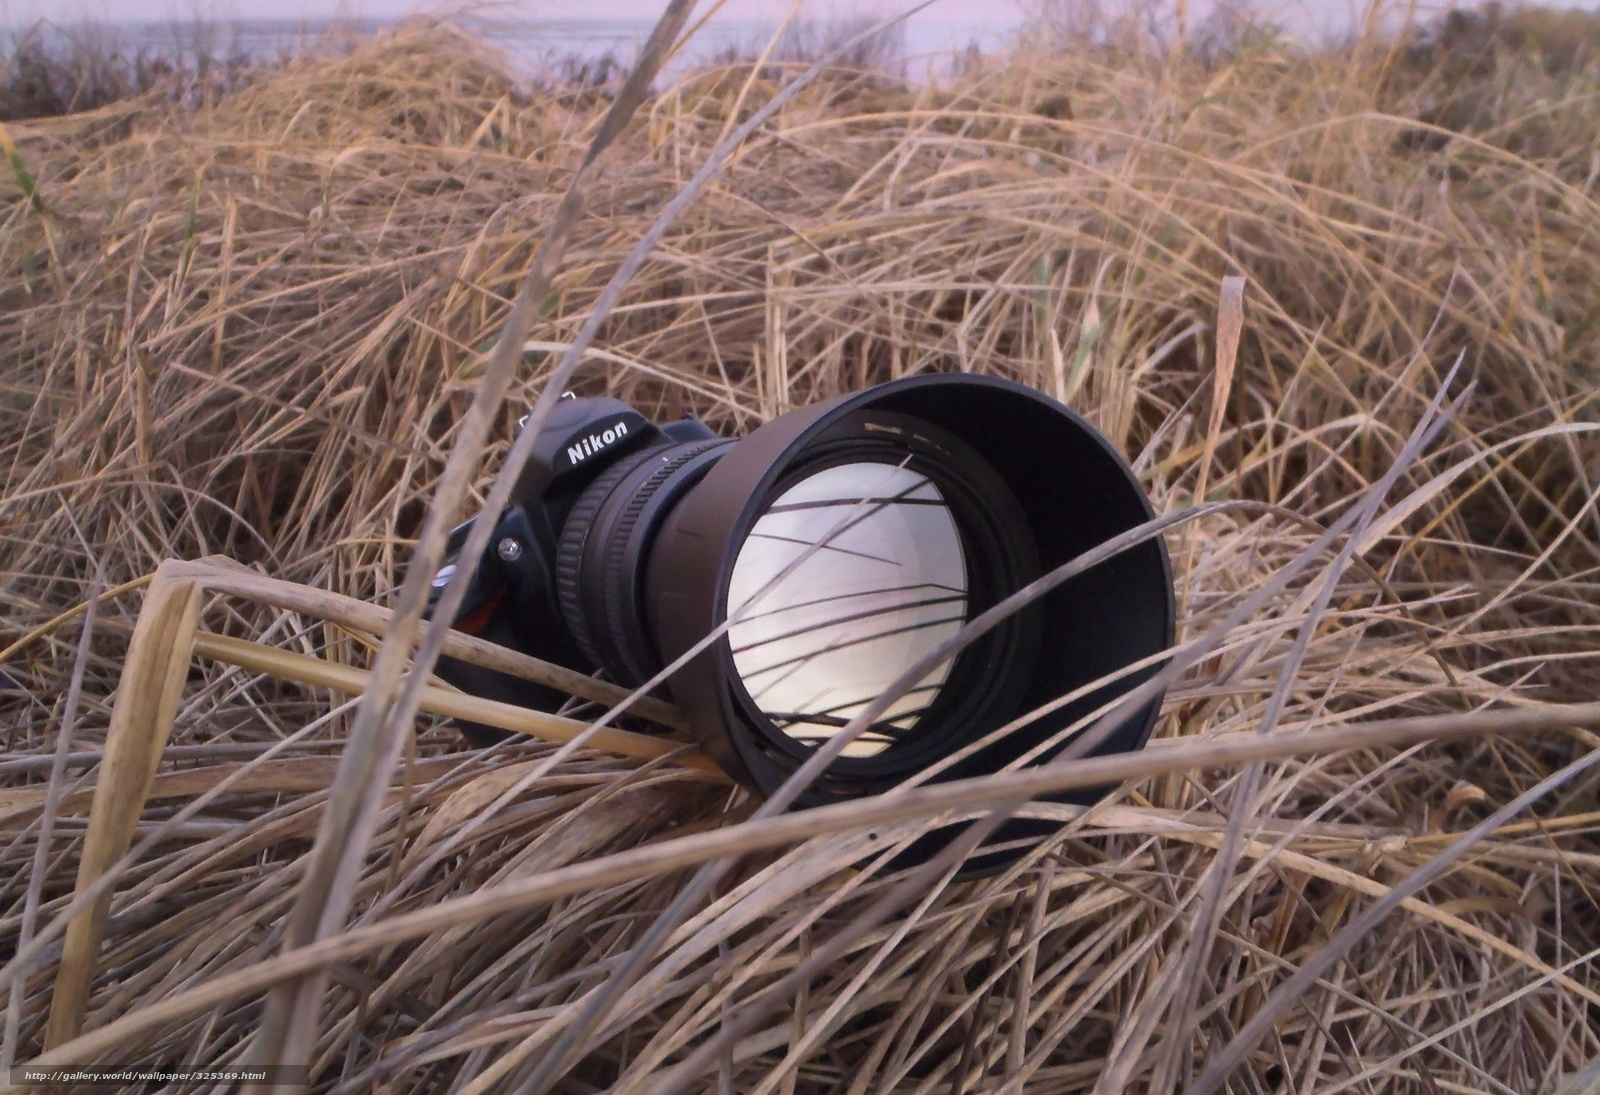 Фото из найденного фотоаппарата 10 фотография